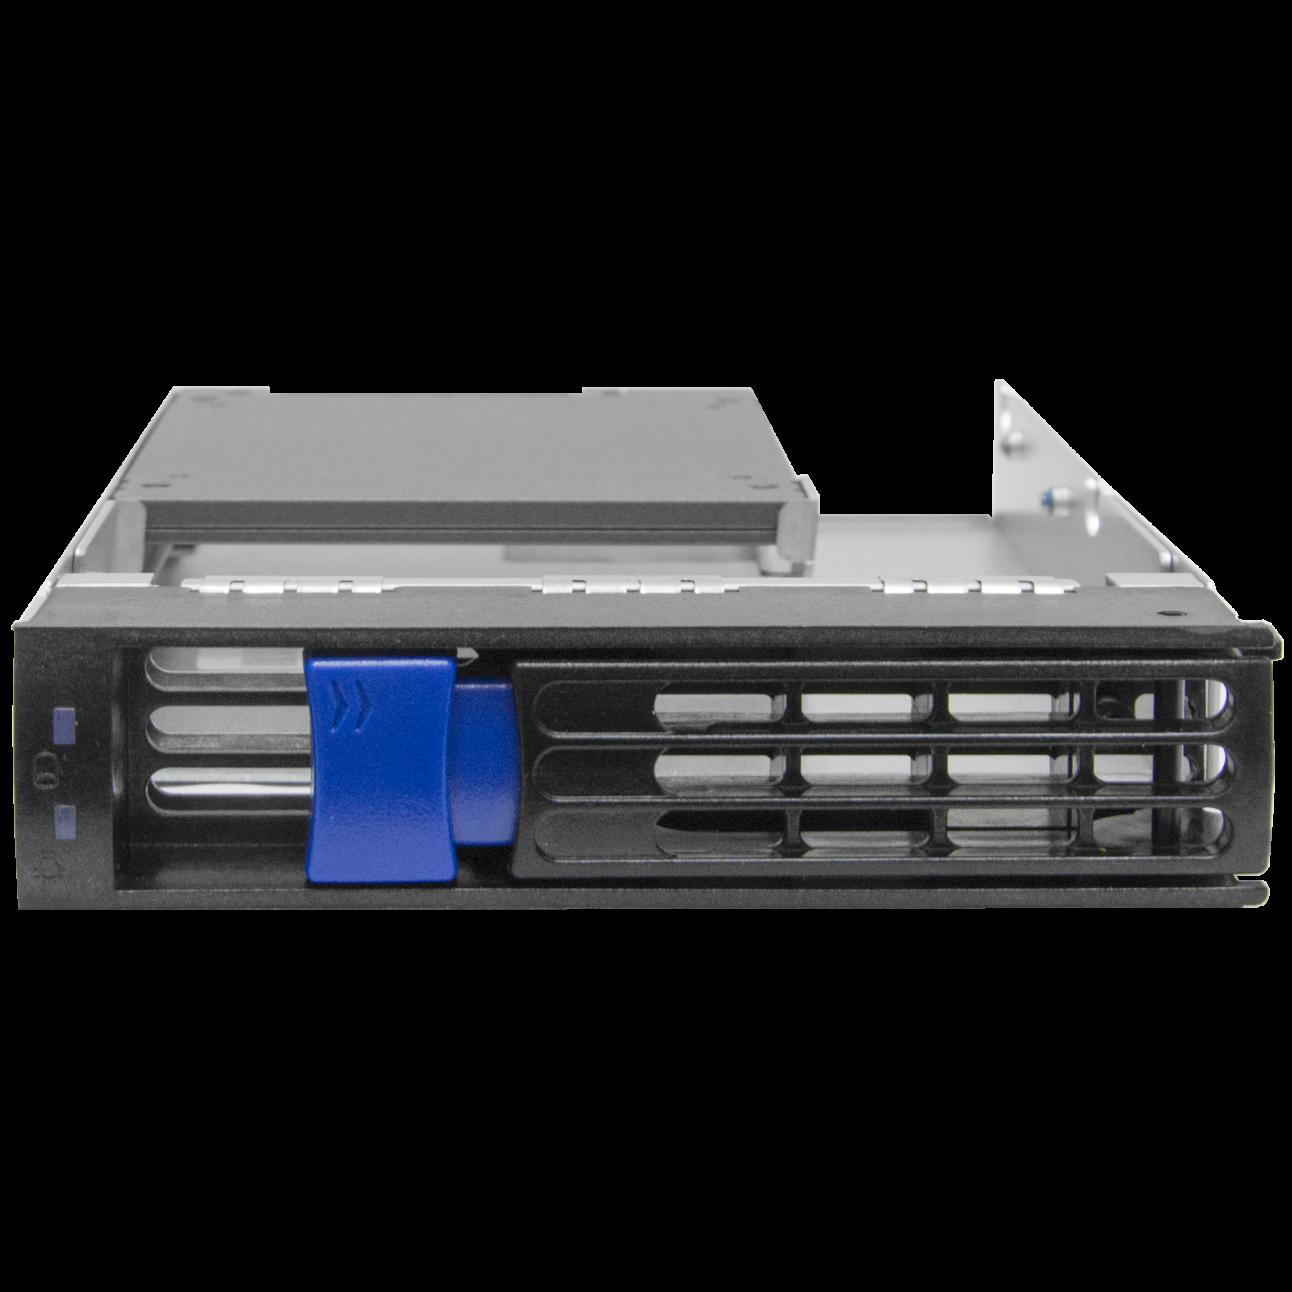 Серверная платформа SNR-SR380R-V3, 2U, E5-2600v3/v4, DDR4, 14xHDD, резервируемый БП